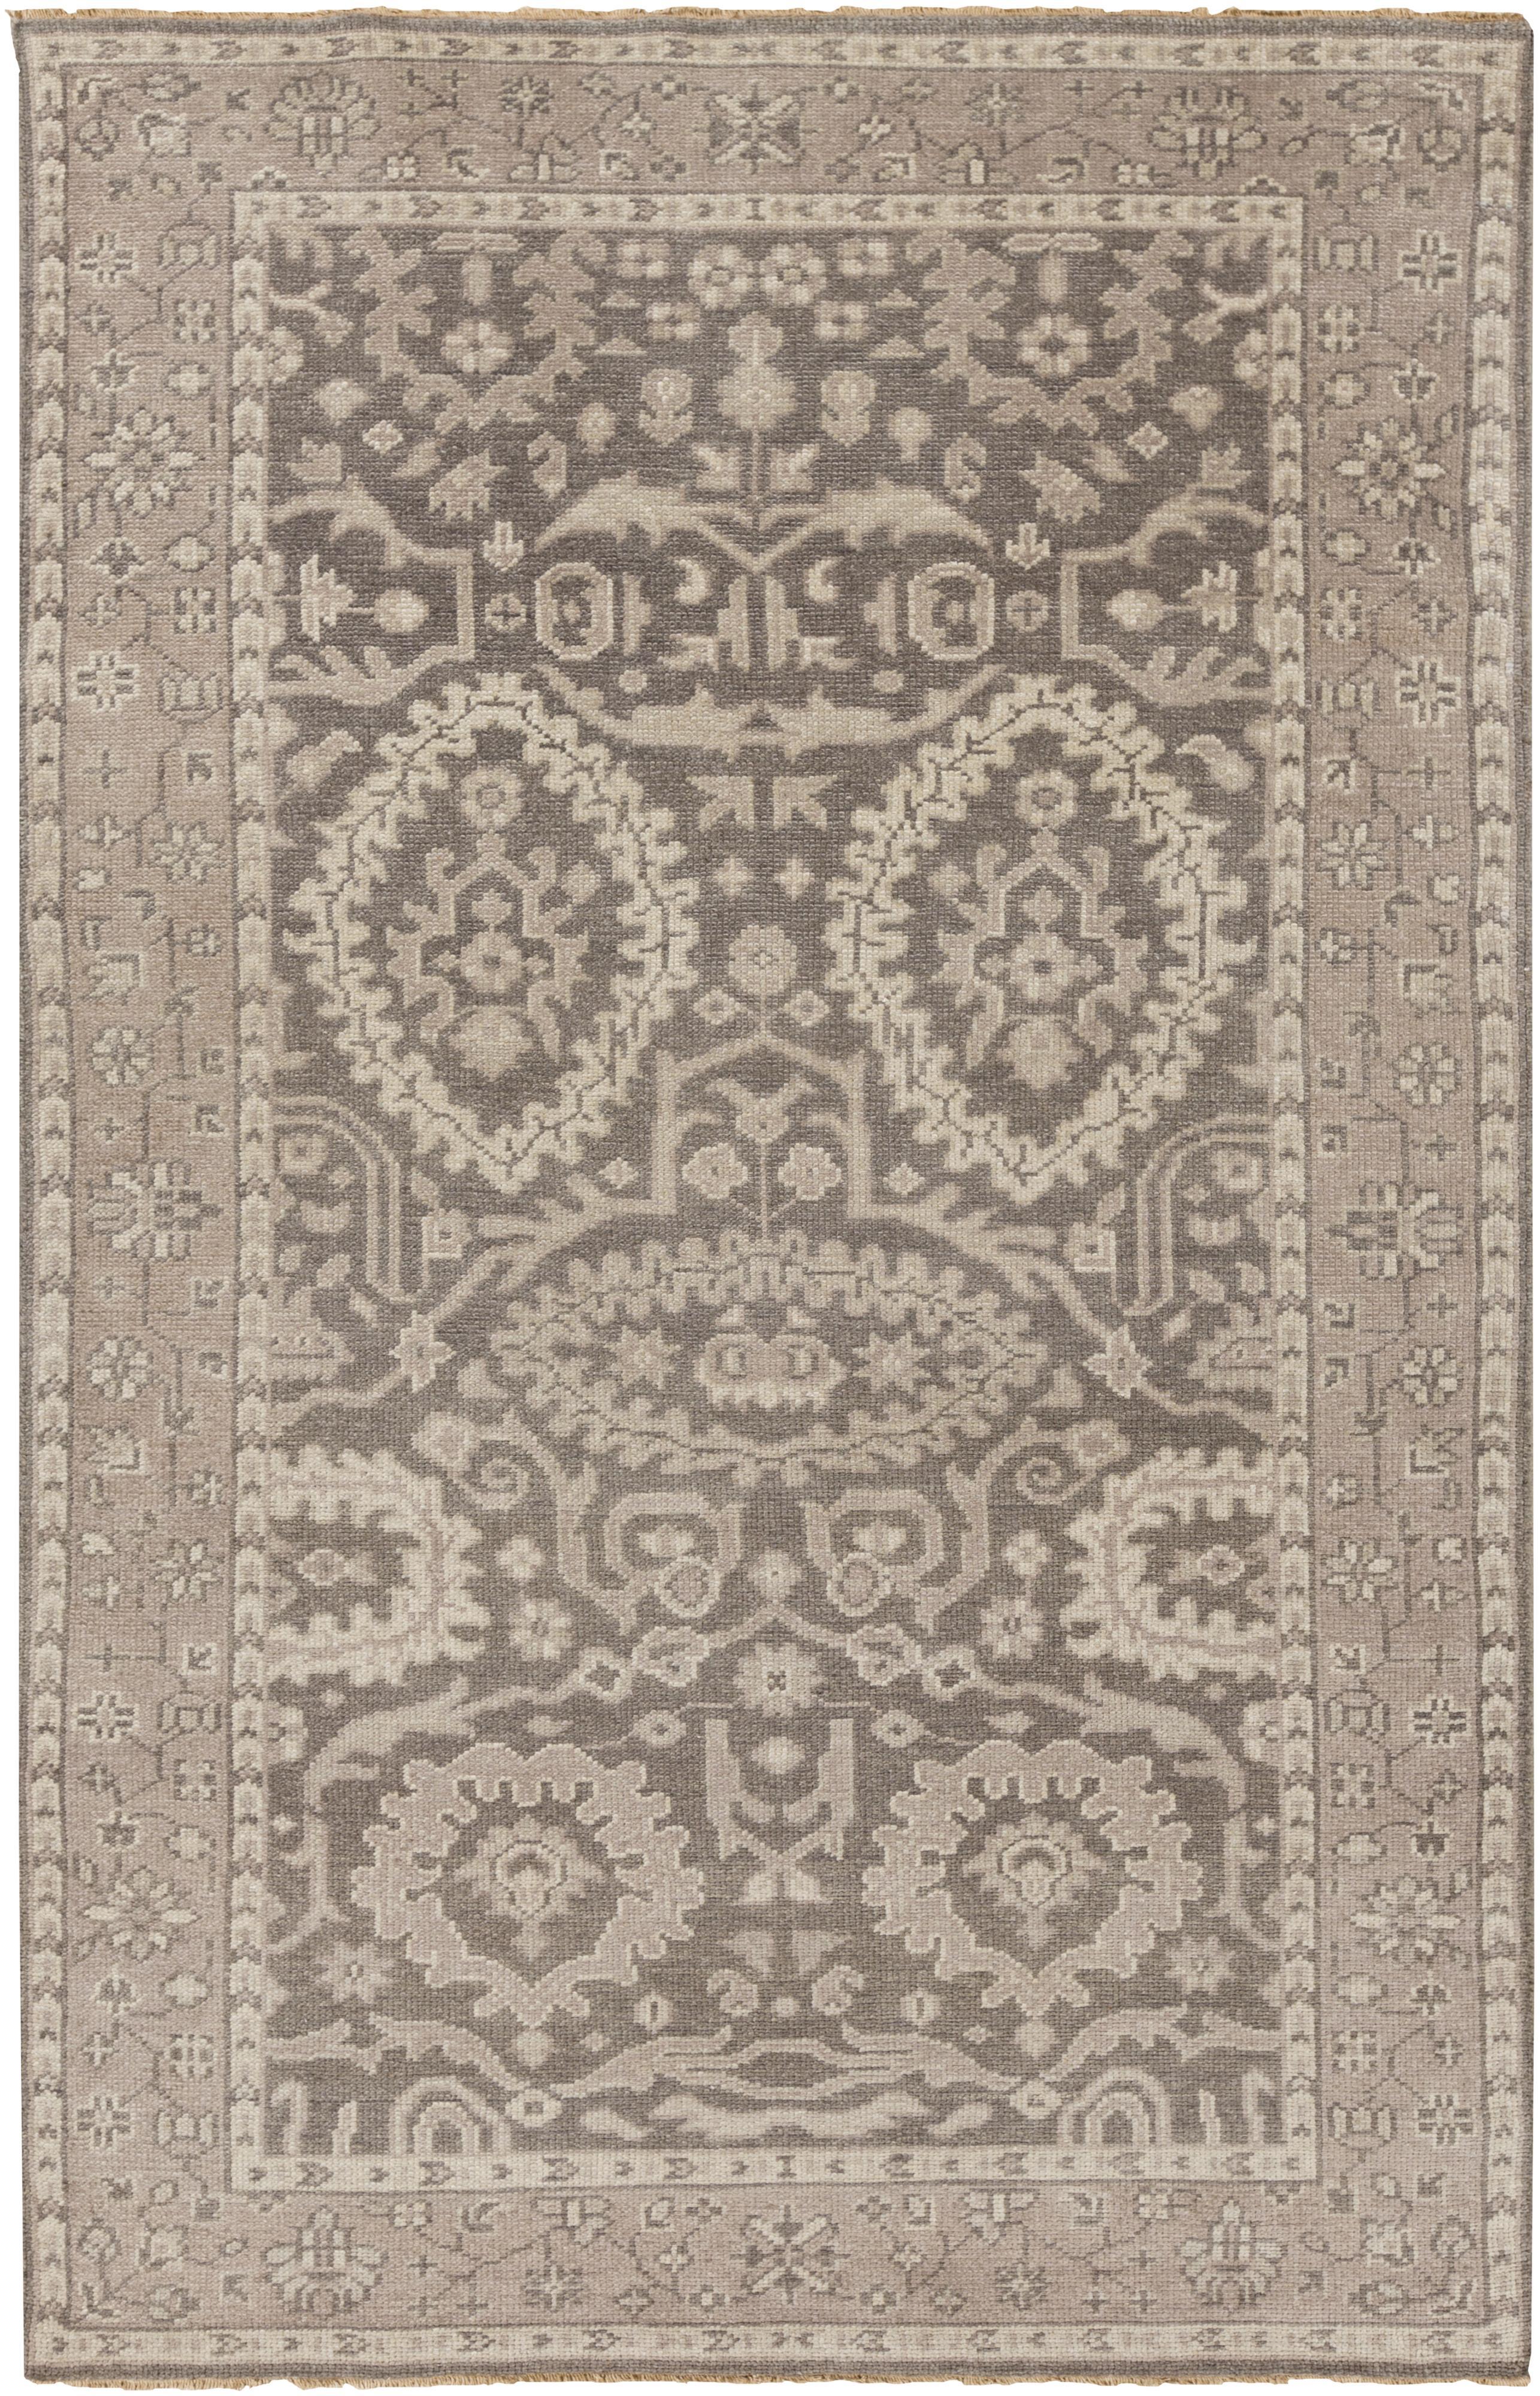 Surya Rugs Cappadocia 8' x 11' - Item Number: CPP5006-811